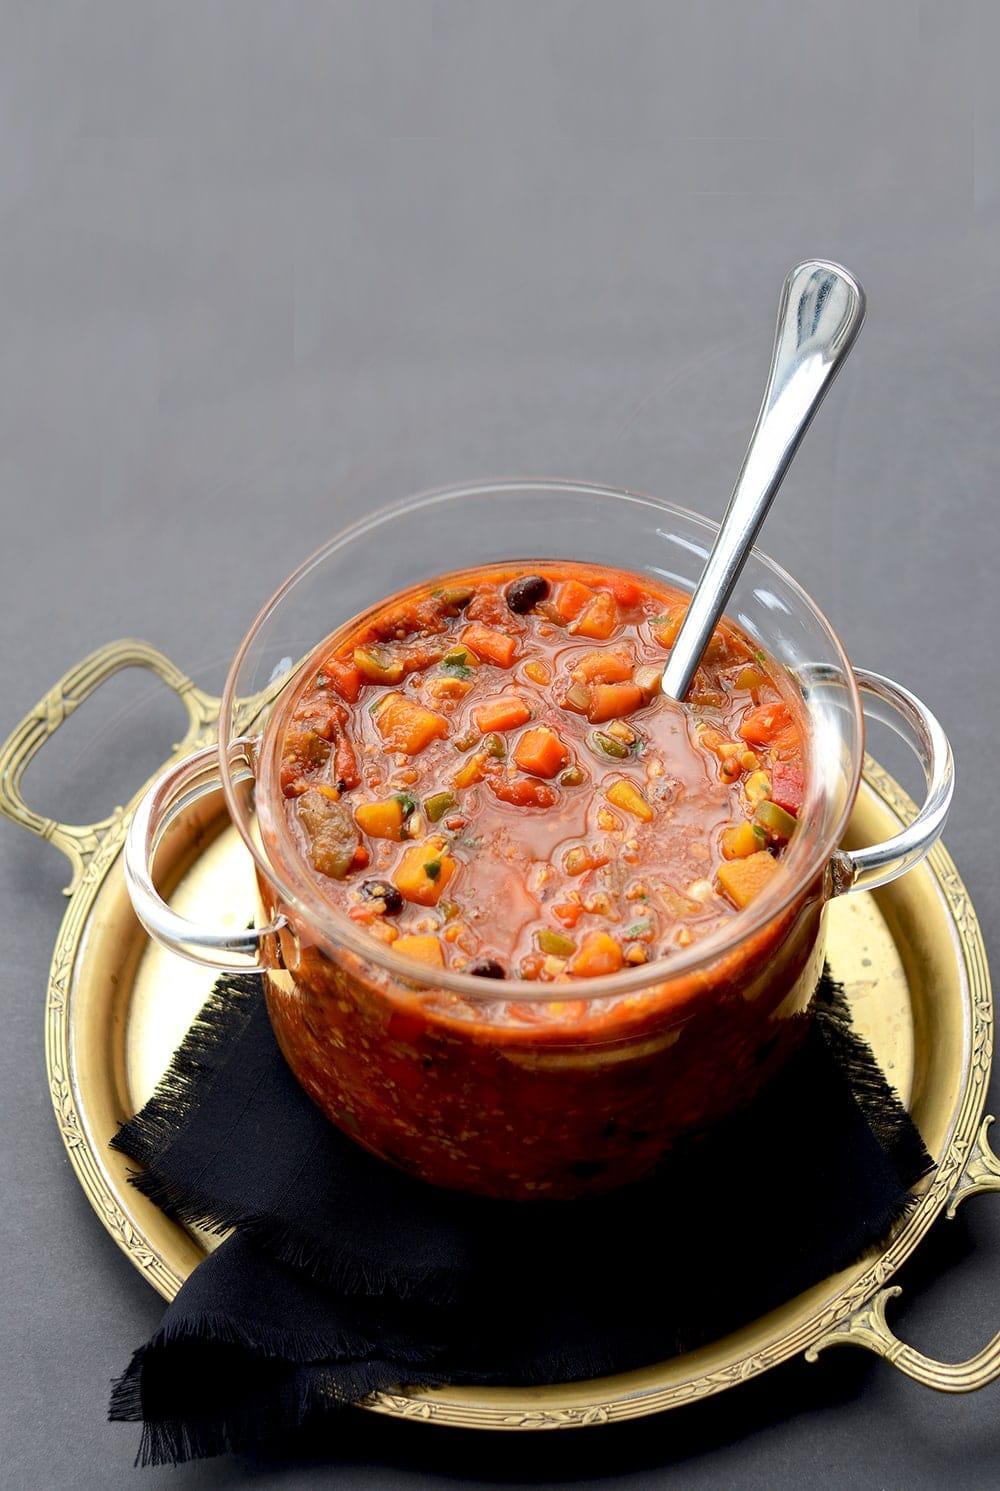 Vegan Vegetable Stew in Bean Pot Web - Vegan Vegetable Stew